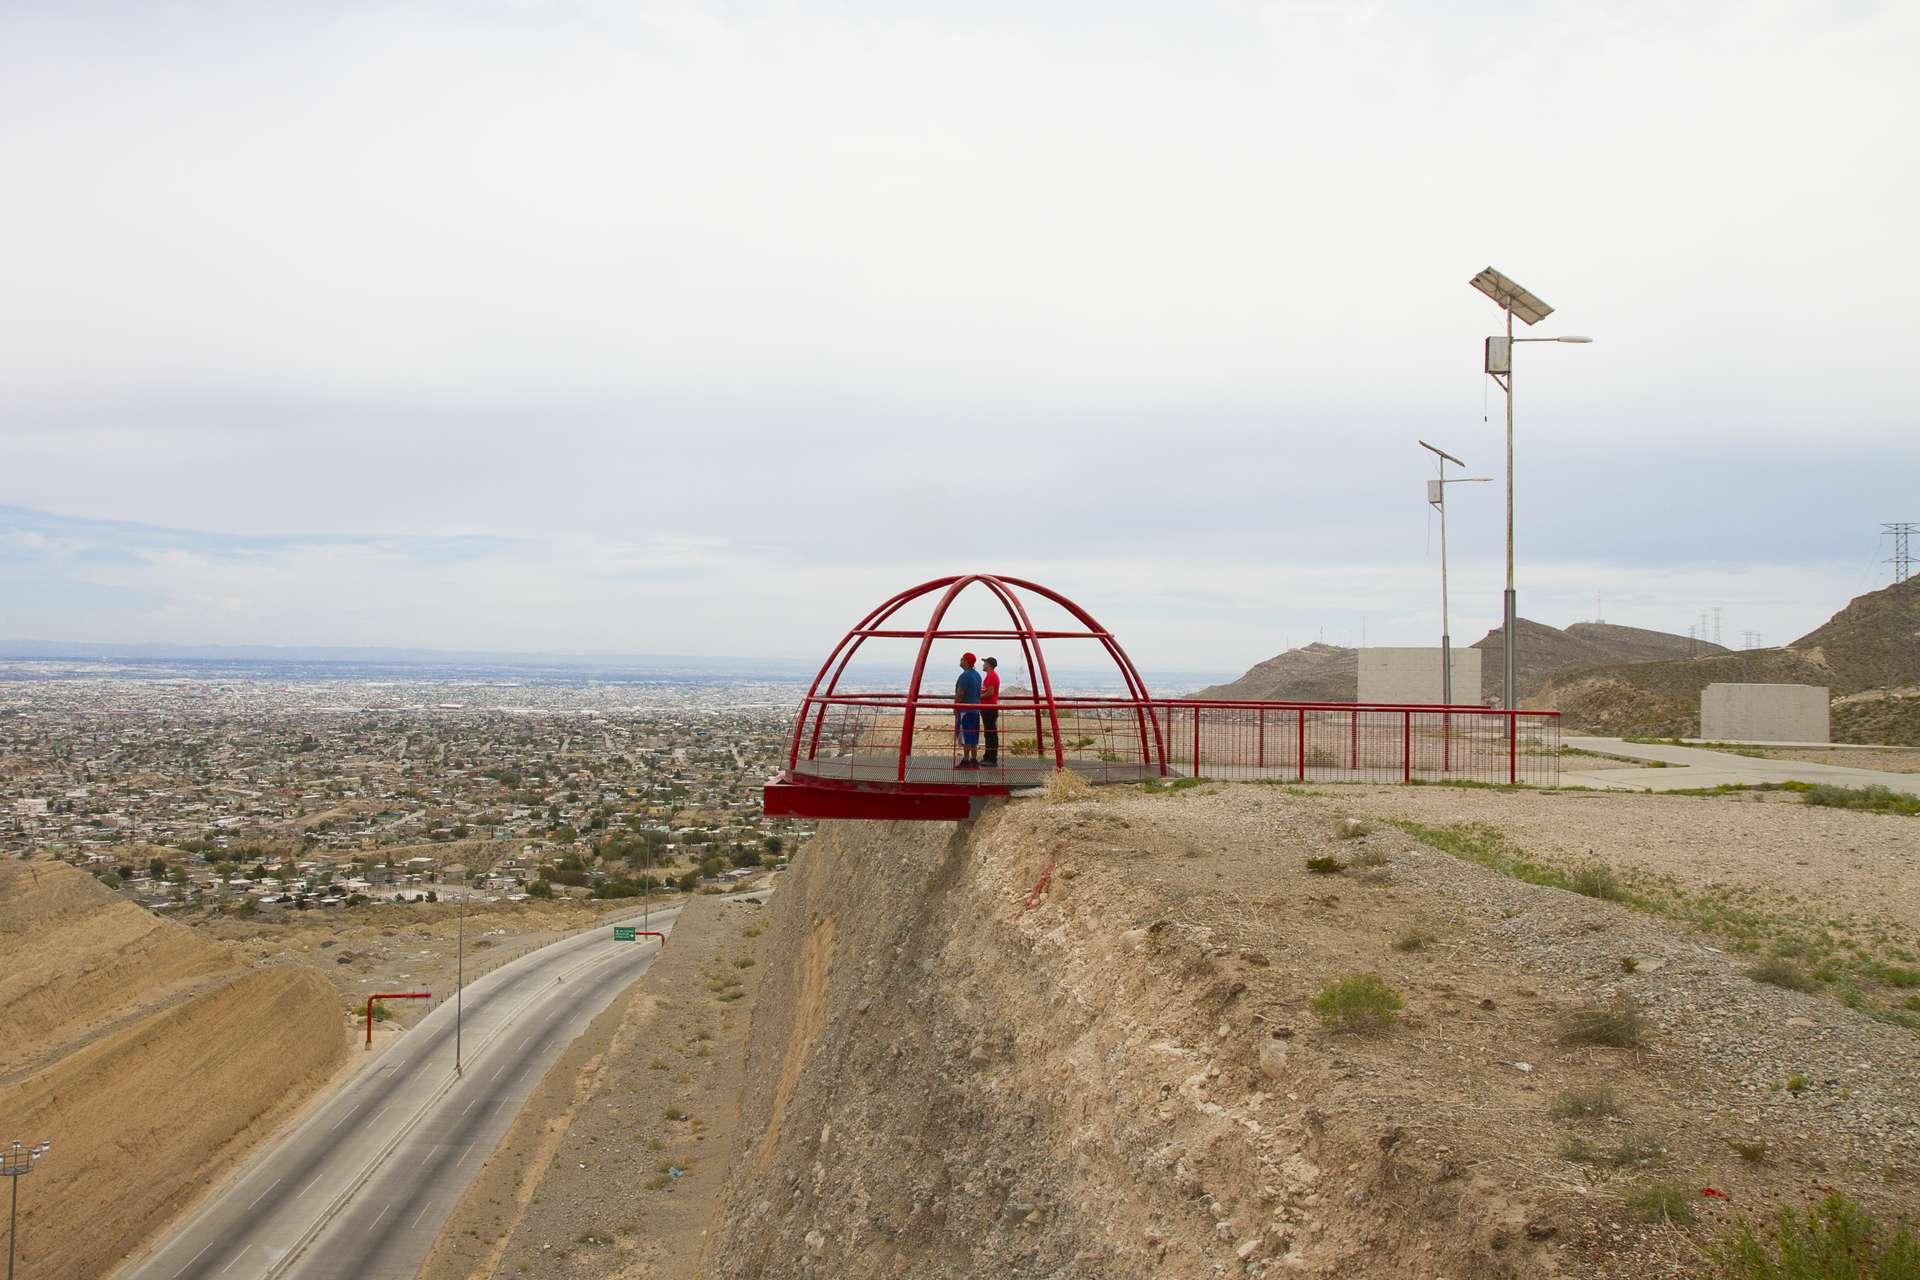 Deux hommes perchés sur un promontoir rouge, en train de regarder une ville au loin